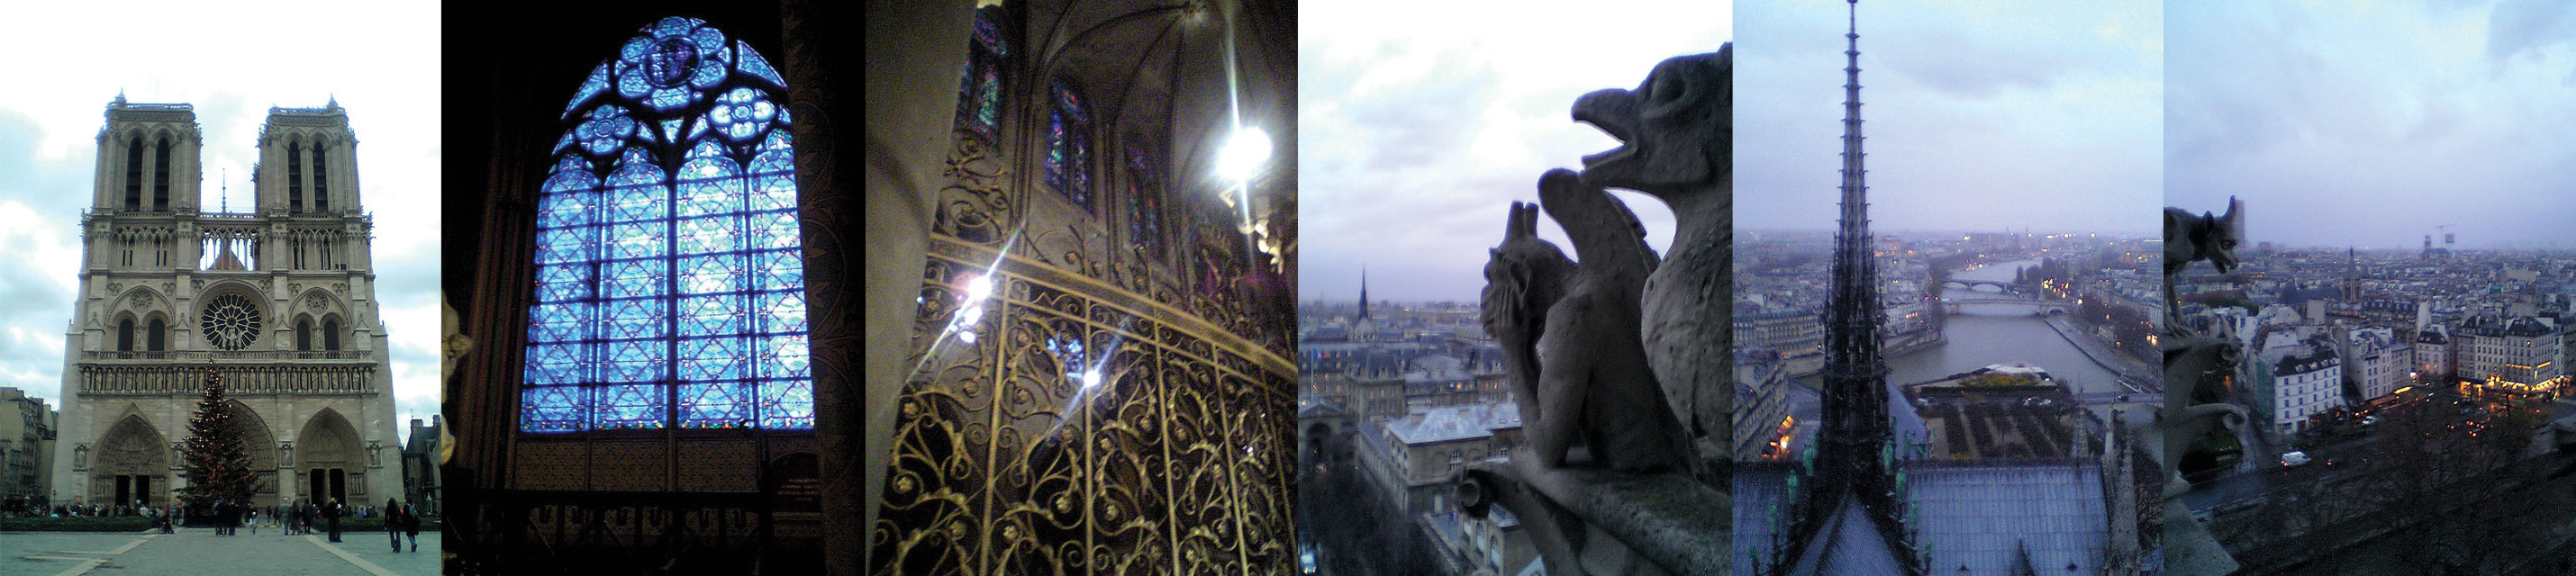 ノートルダム大聖堂 Cathédrale Notre-Dame de Paris パリ, Paris Hidemi Shimura